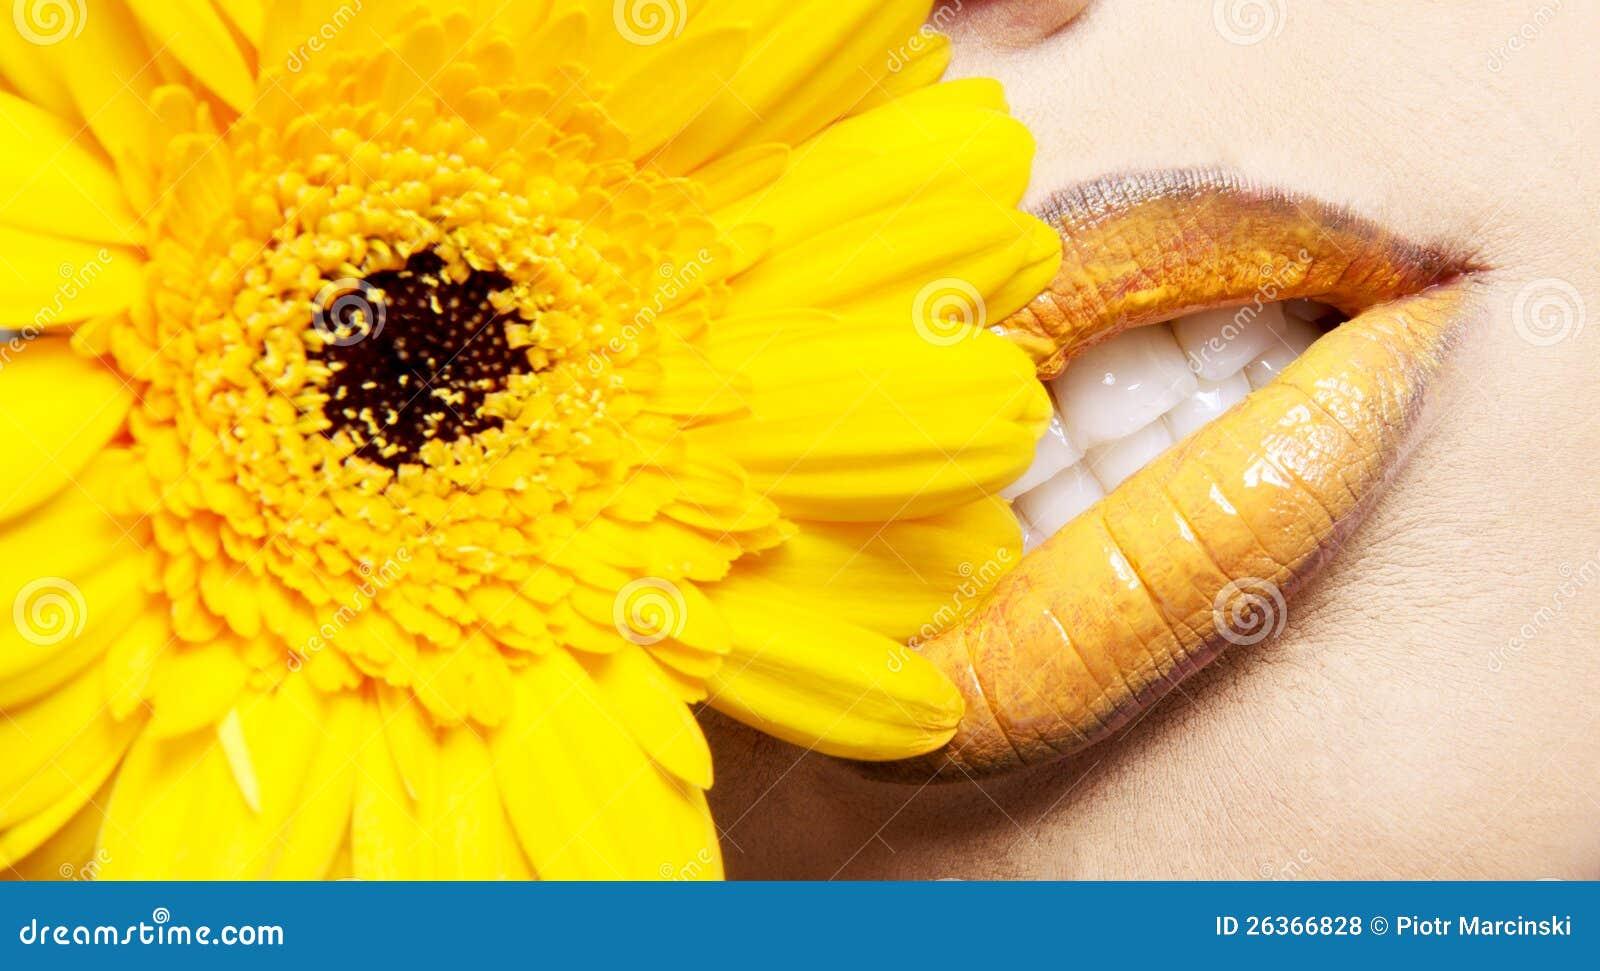 Lippen der Frau mit gelber Blume